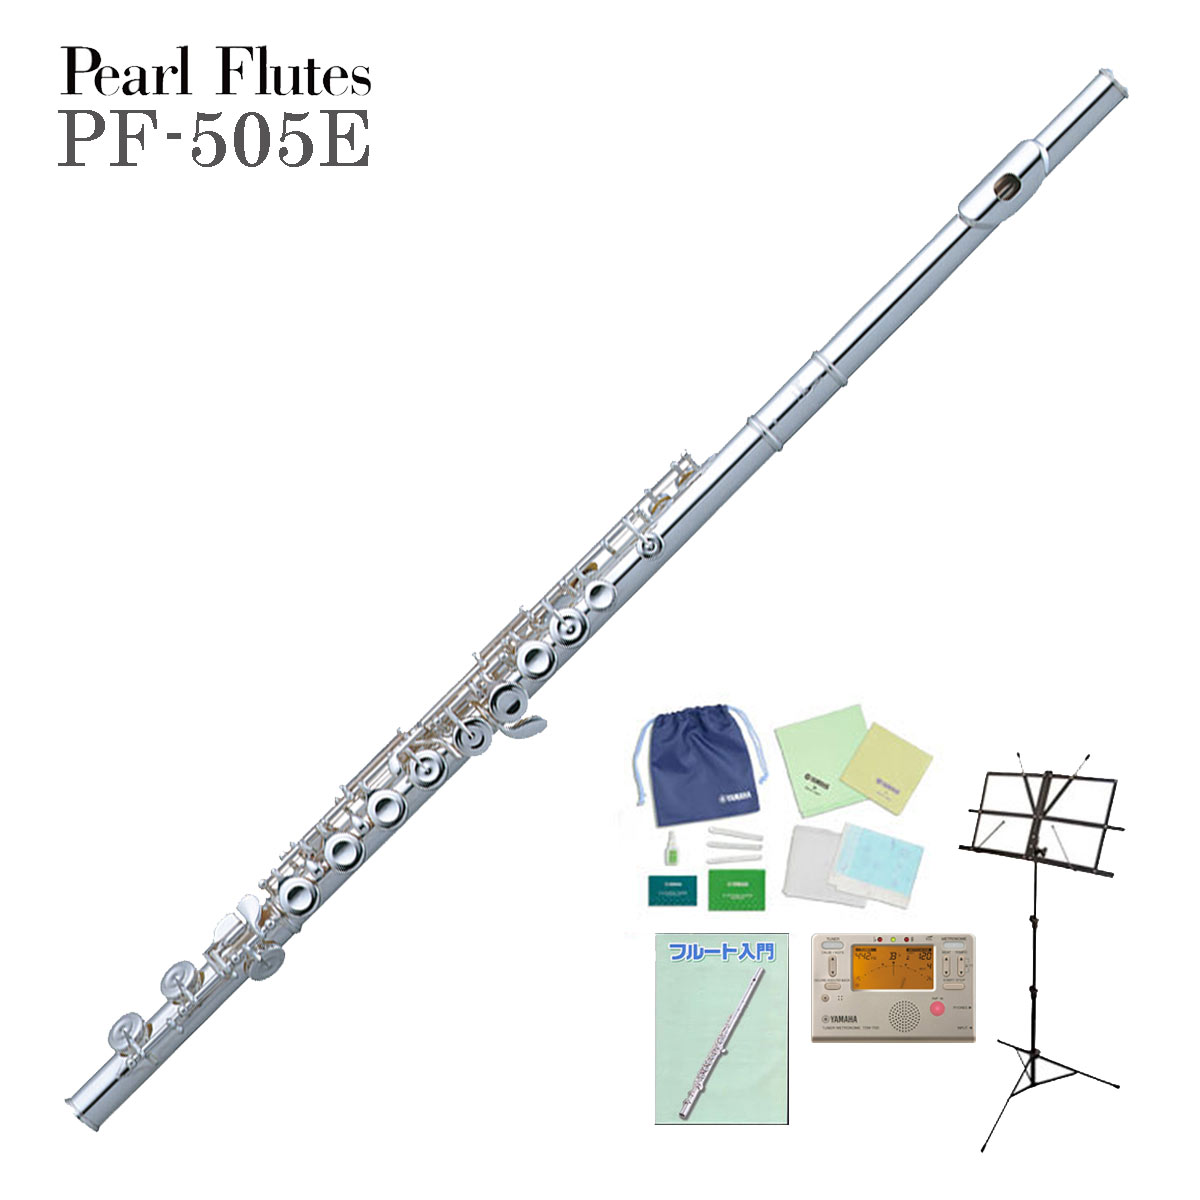 Pearl Flute// PF-505E 初心者に最適! パールフルート PF505E PF505E 洋銀製 初心者に最適!【全部入りセット】《未展示保管の新品をお届け》《5年保証》, 中一商事:361a9065 --- sunward.msk.ru